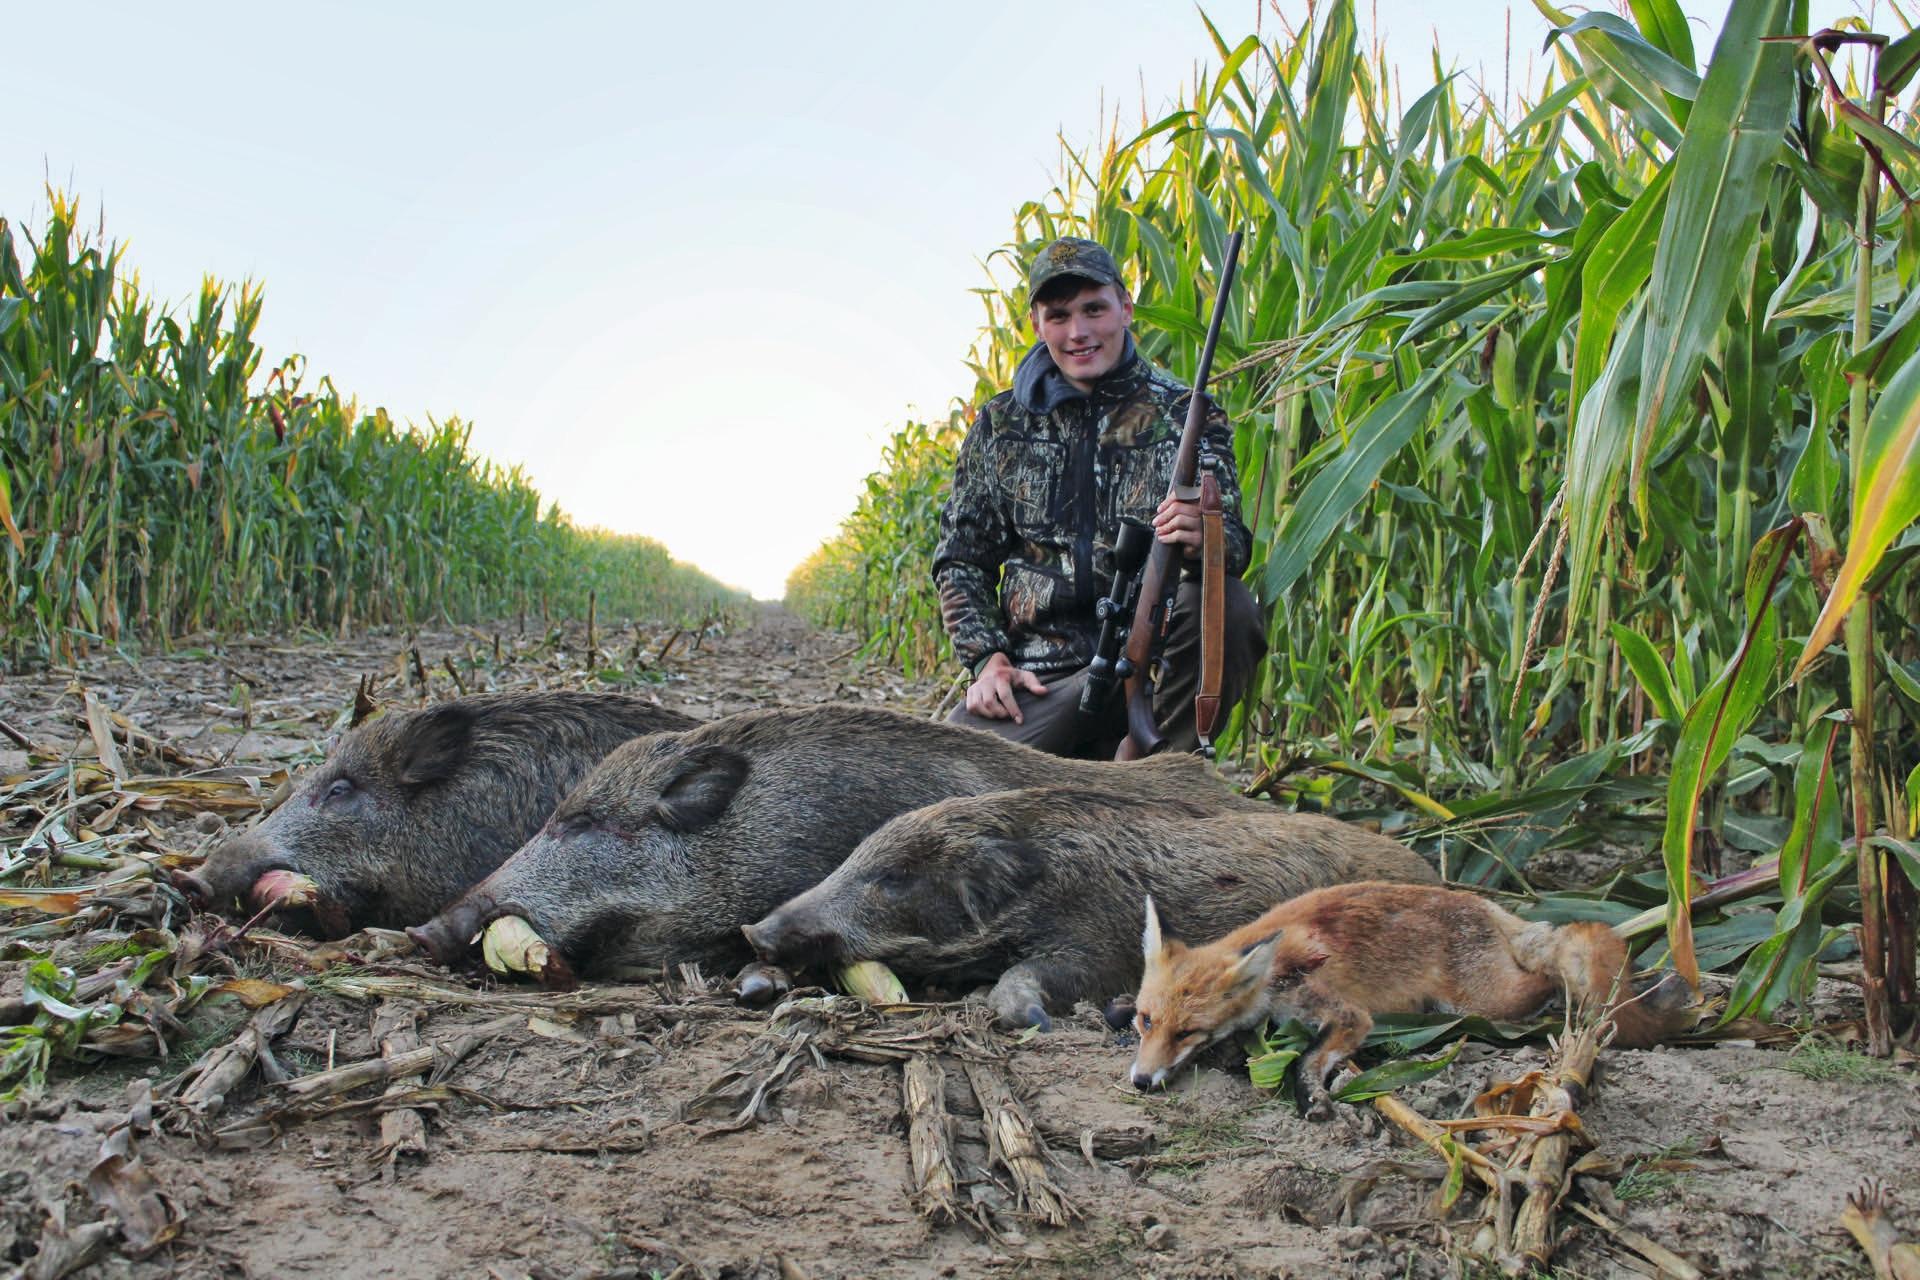 Waidmannsheil: auf drei Sauen und einen Fuchs beim Morgenansitz auf einer Maisschneise. Für die beiden Überläufer ist schnell ein Abnehmer gefunden, der 20 Kilogramm wiegende Frischling aber wird zu leckerem Spanferkel verarbeitet. Frischling als Spanferkel